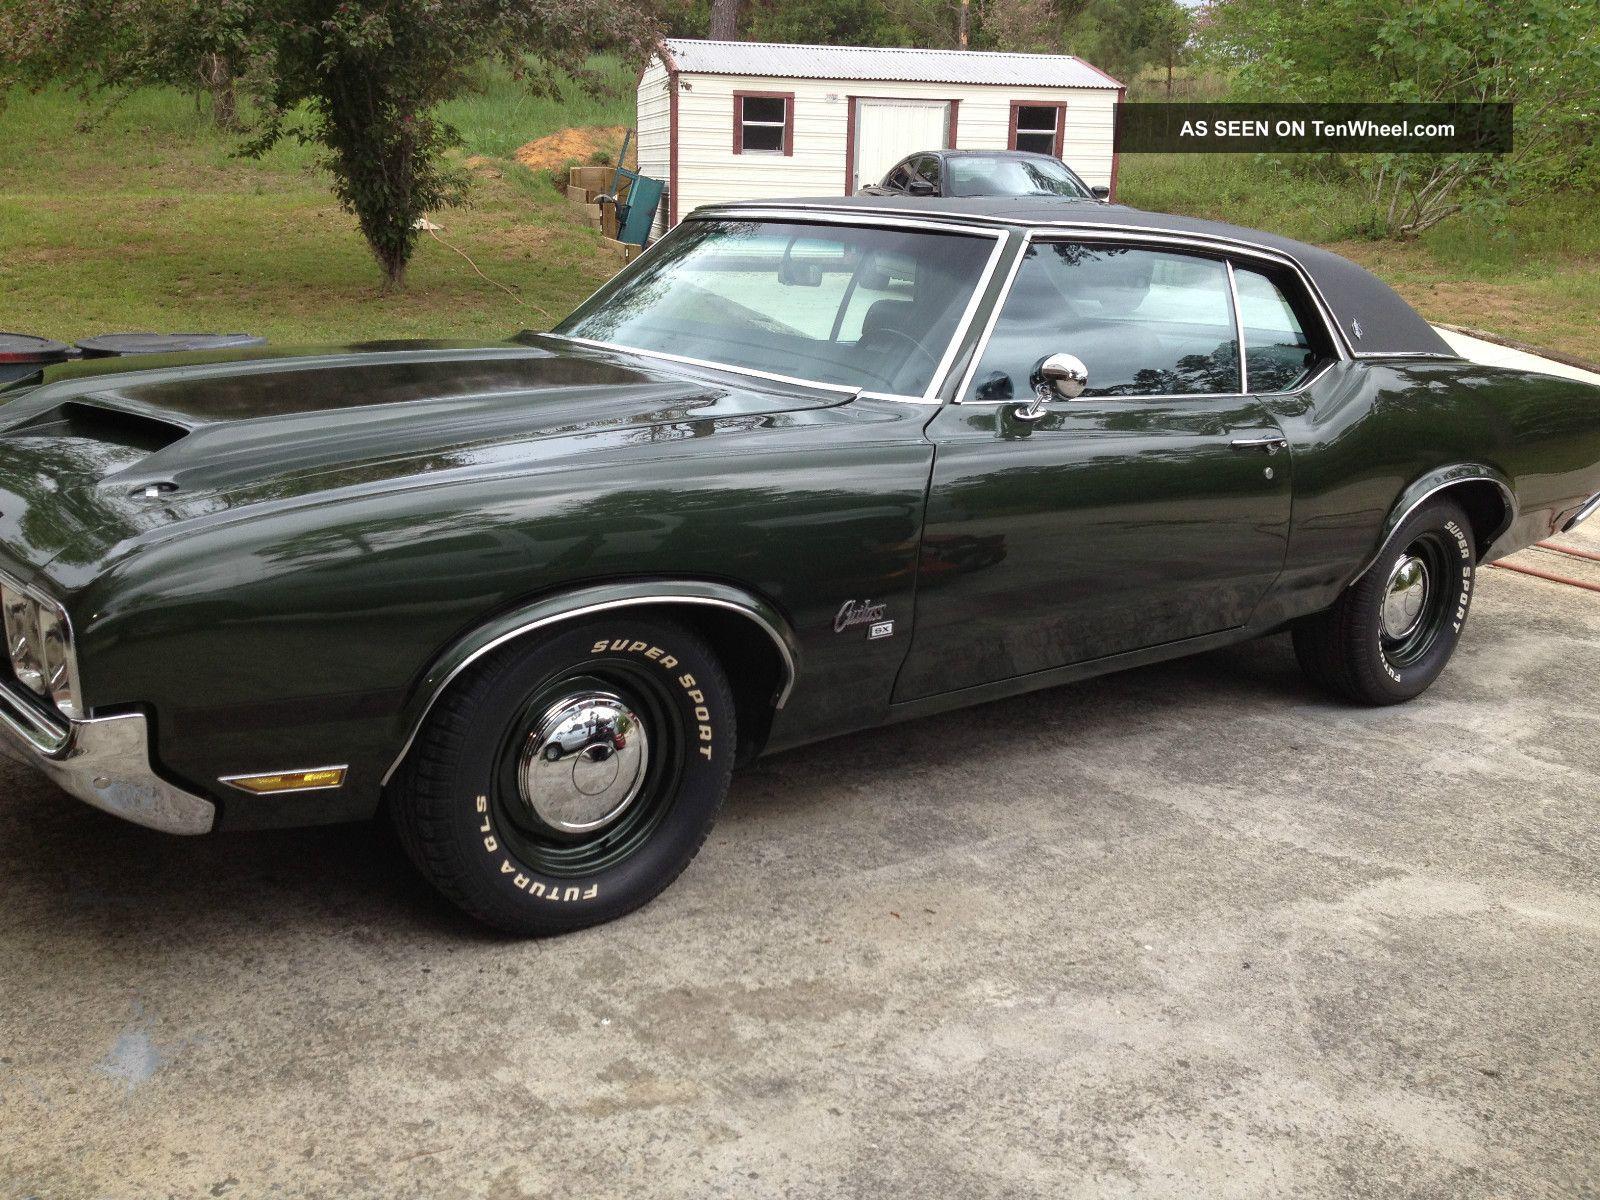 1970 Olds Cutlass Sx 455 L 31